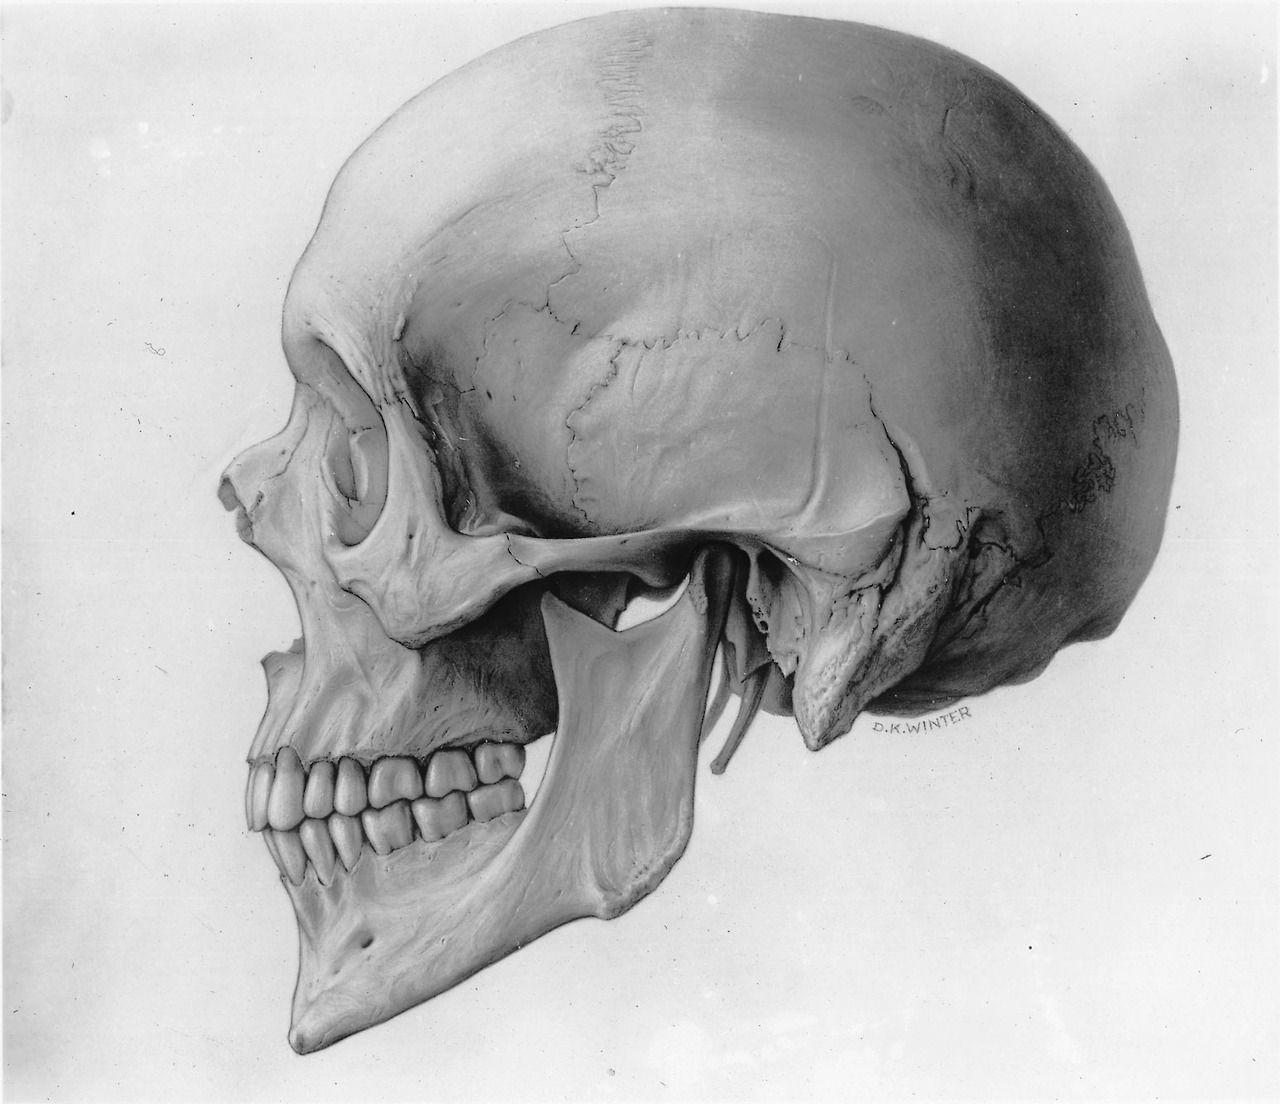 мода картинки анатомический черепа фотки иминем аву